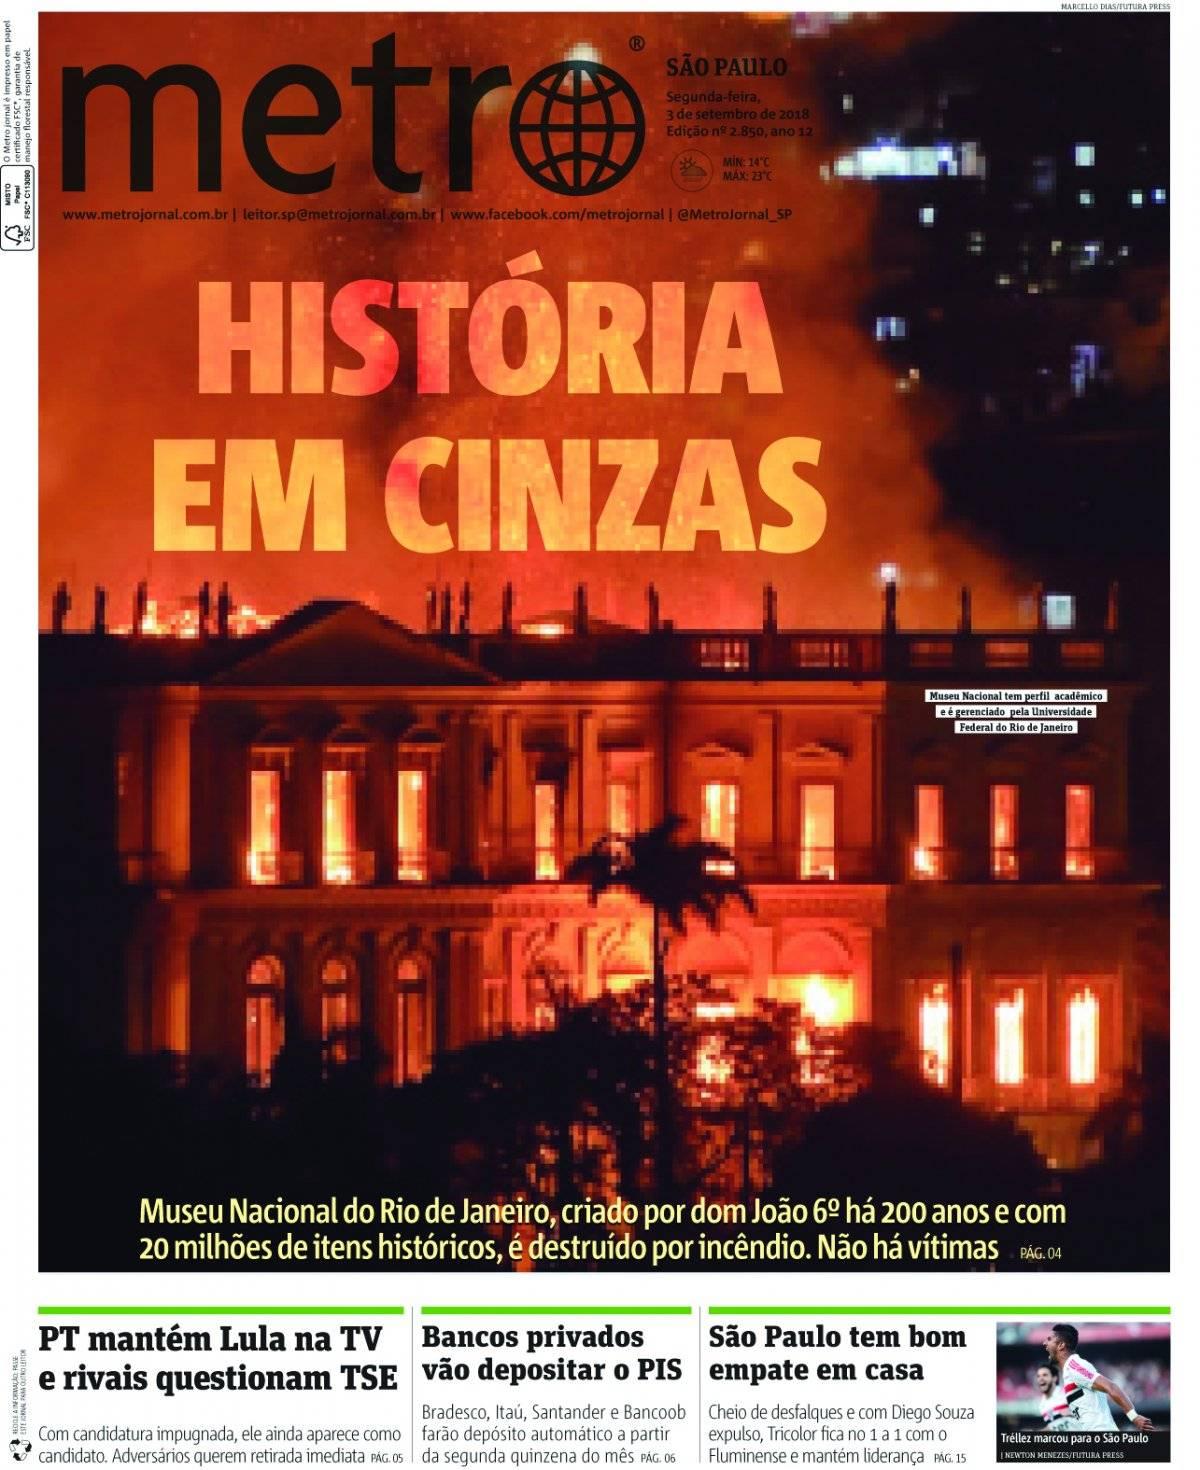 3 de setembro. O trágico incêndio que destruiu o Museu Nacional do Rio evidenciou o descaso com a nossa história